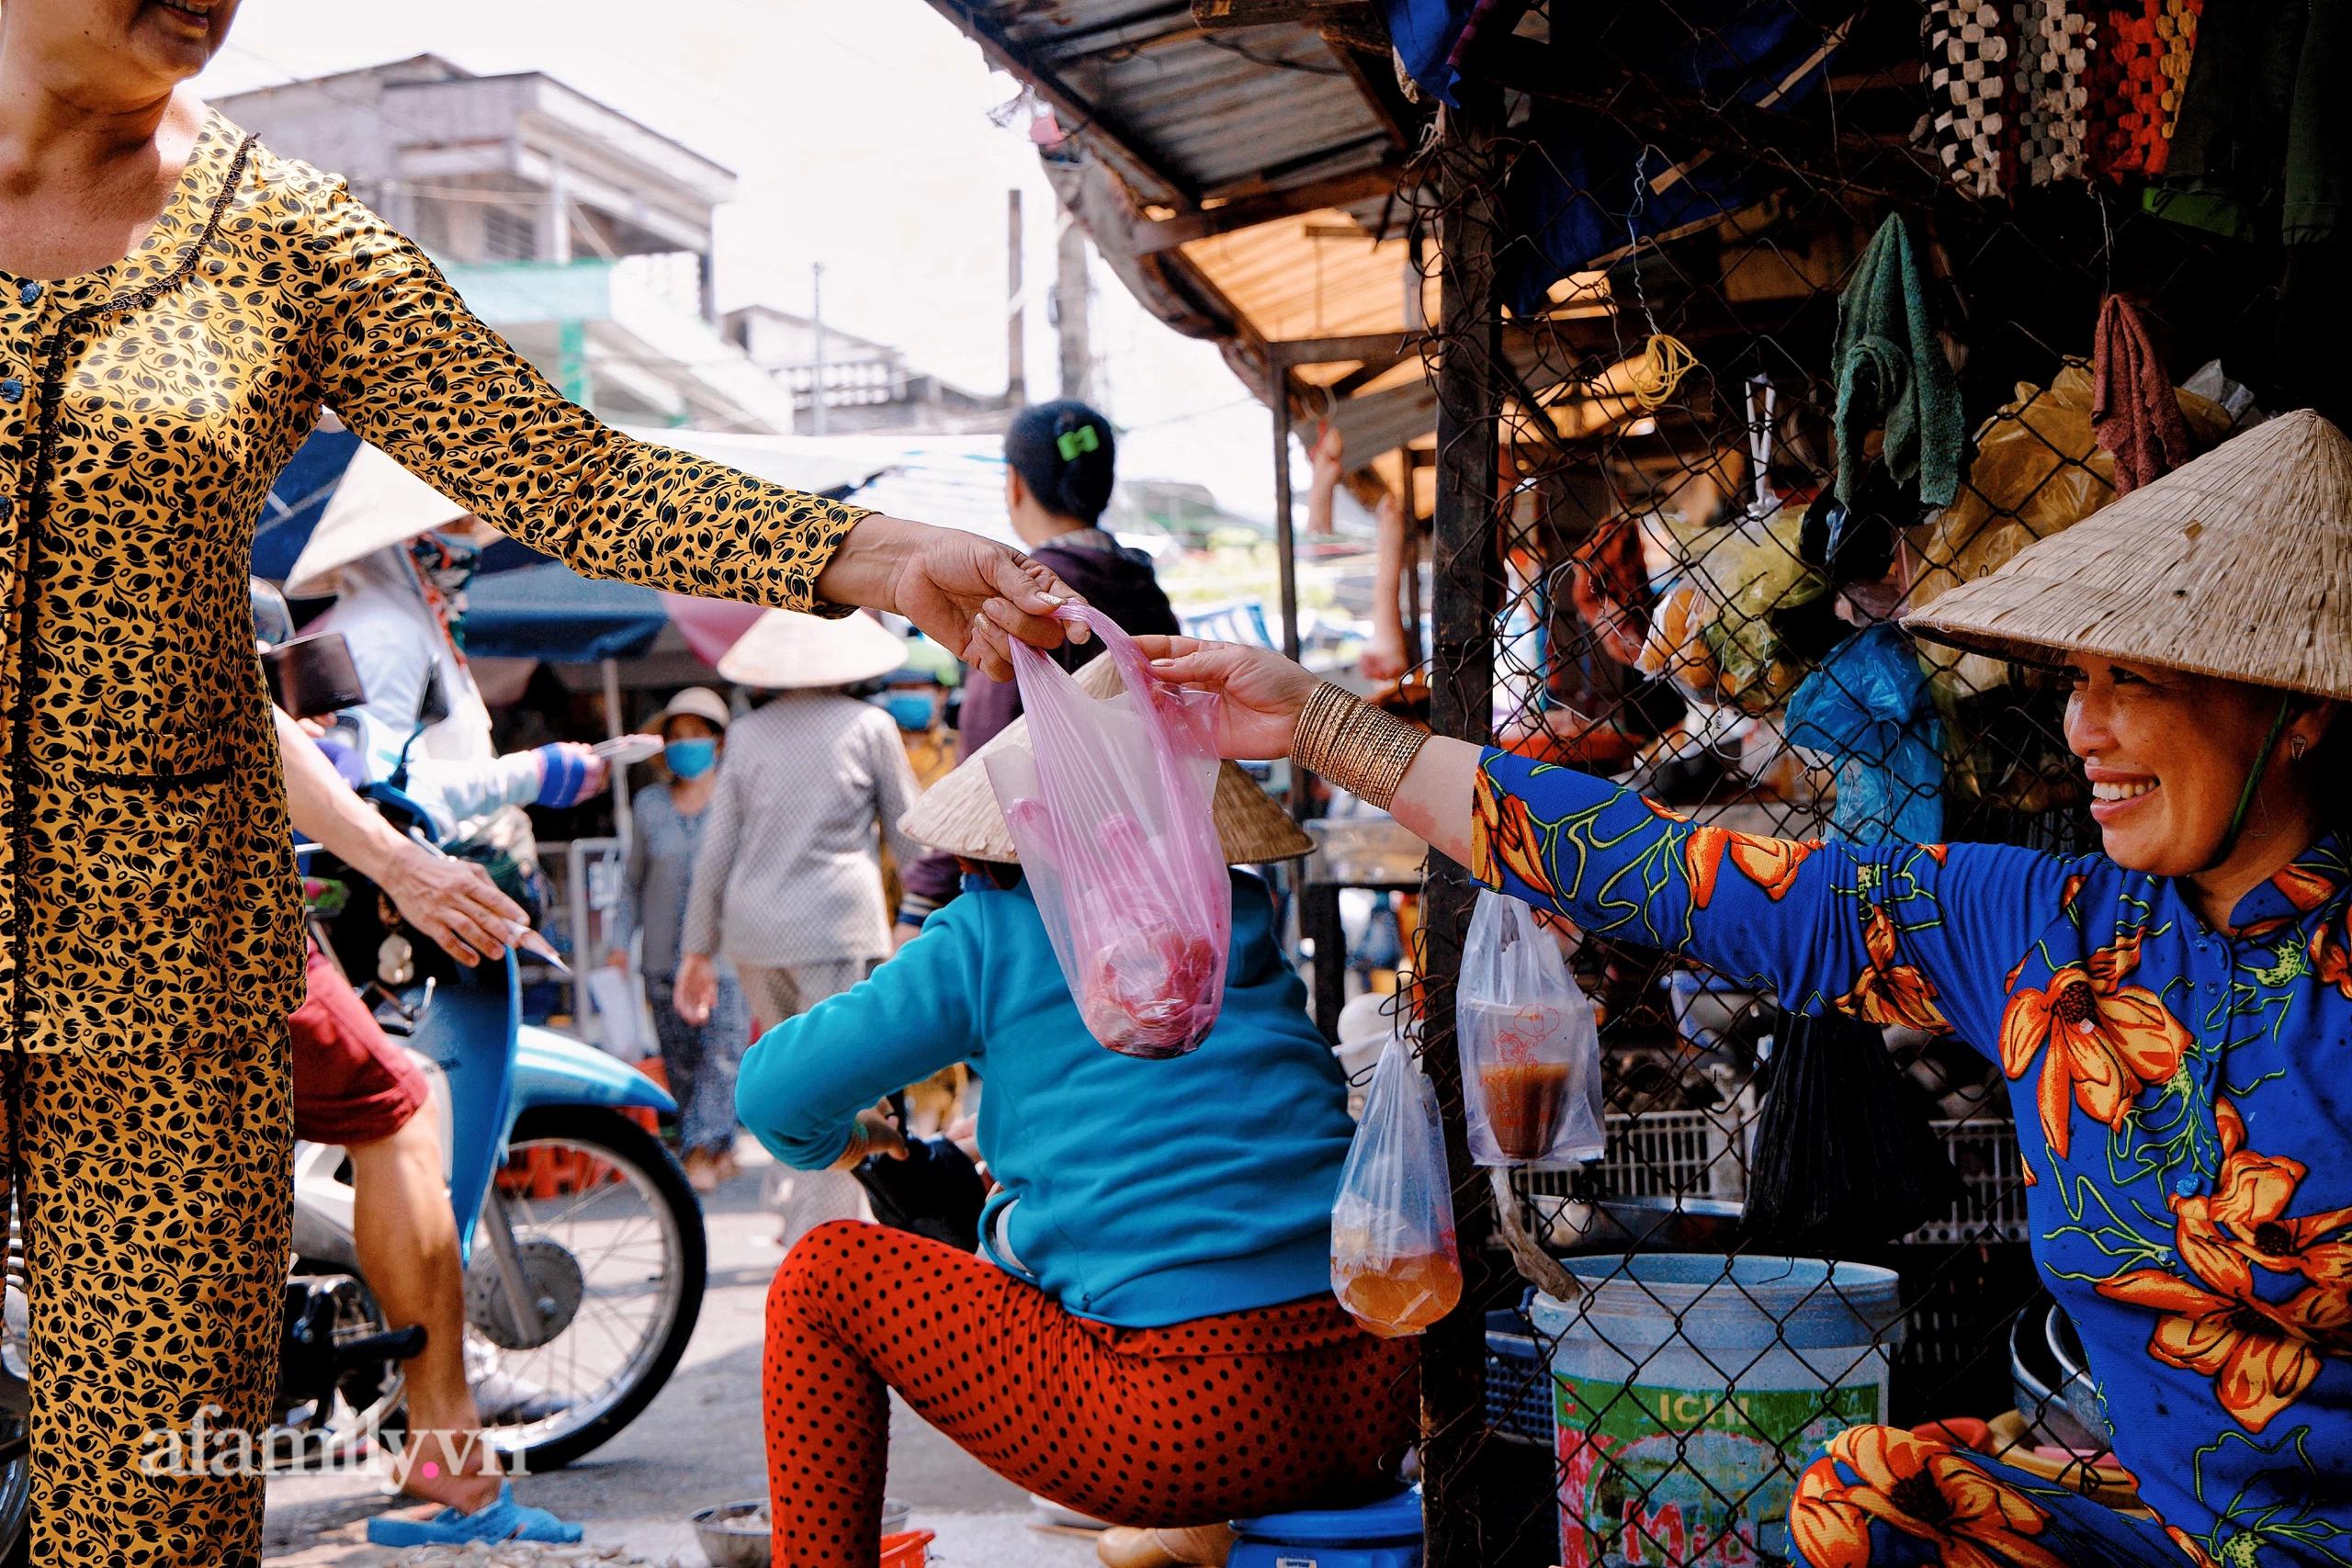 """Hiện tượng """"cuồng Ximen"""" của phụ nữ miền Tây, cứ về quê là bà nào cũng đeo vàng cả khúc, dù bị chê """"quê mùa"""" nhưng mấy ai biết đây lại là xứ xài vàng nhiều nhất Việt Nam! - Ảnh 5."""